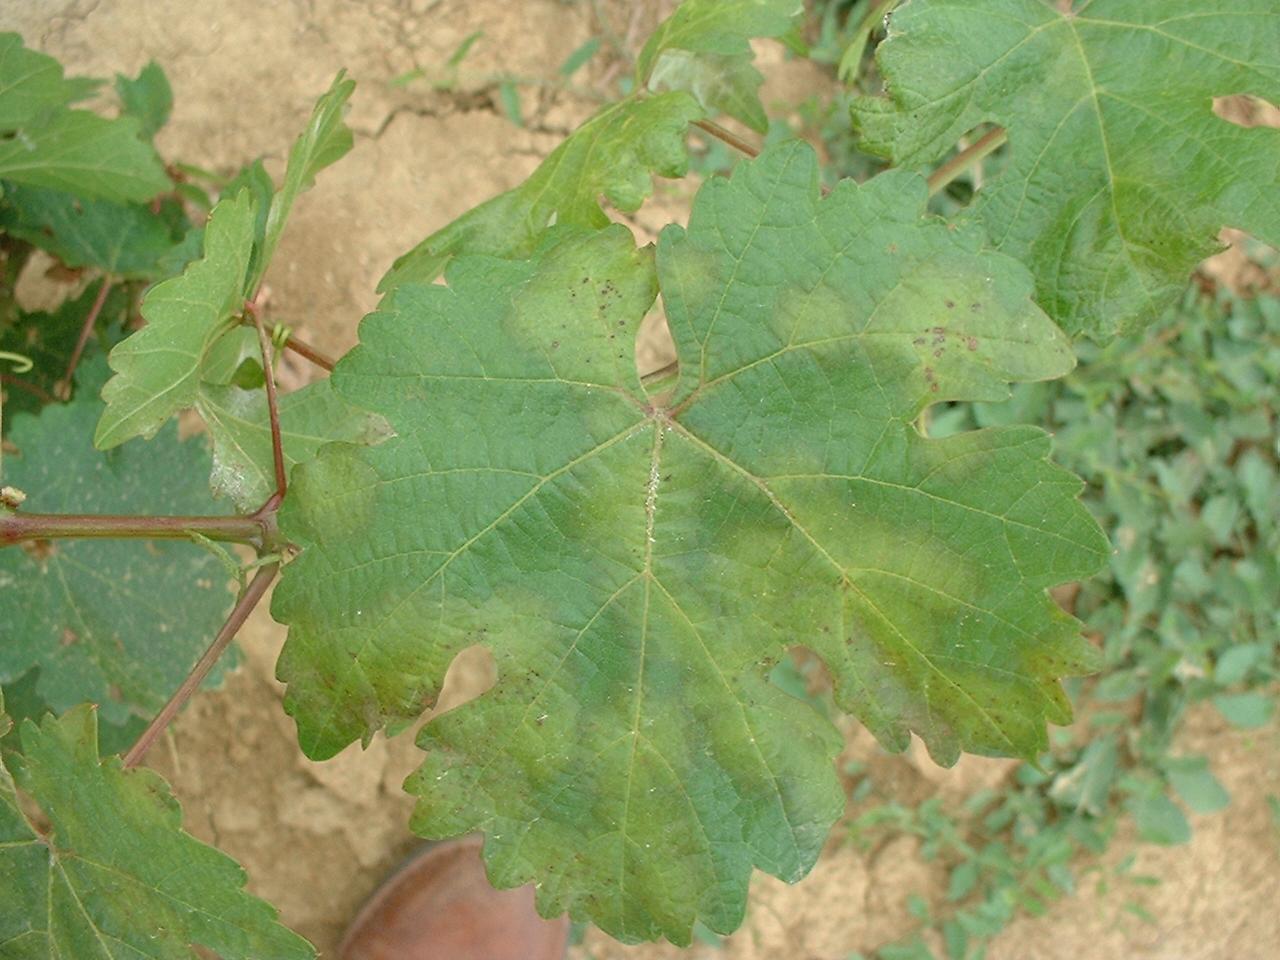 jardivigne savoir reconna tre le mildiou sur les feuilles de vigne. Black Bedroom Furniture Sets. Home Design Ideas